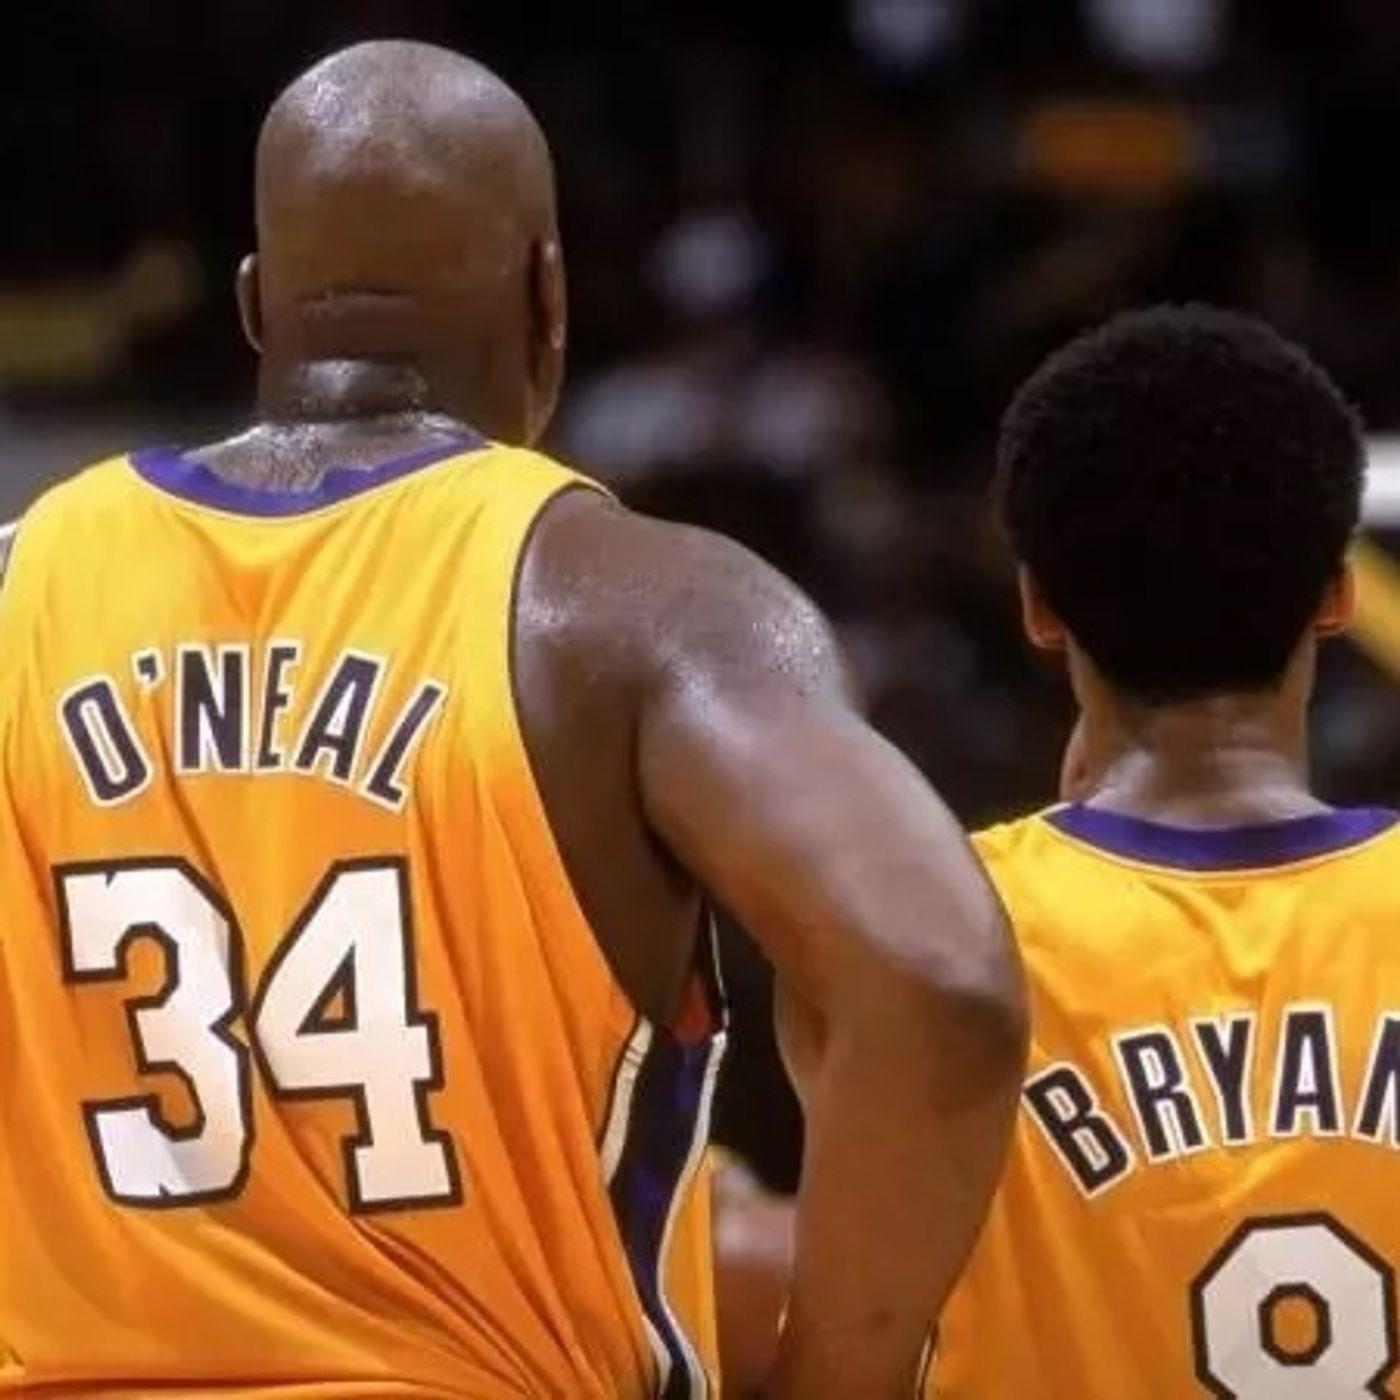 Nba History - I Lakers 2000-2001